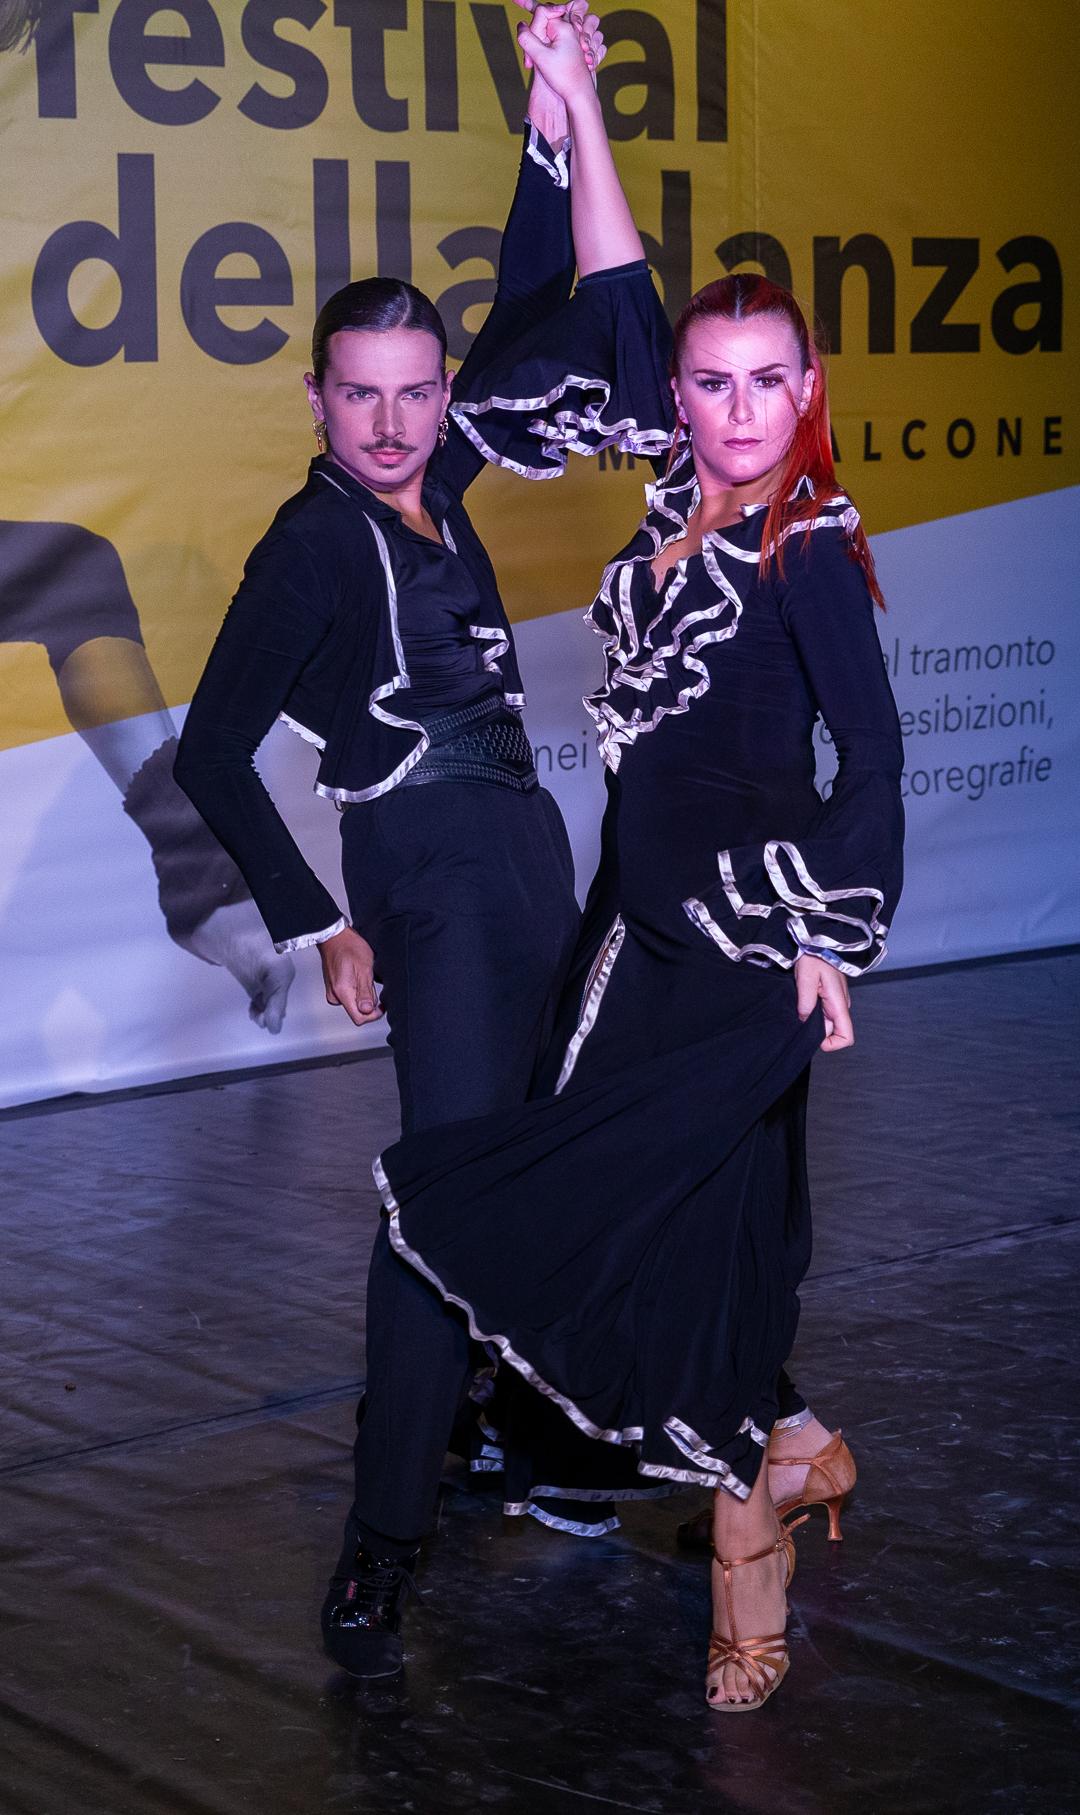 Andrea Cercego e Giorgia Rigato